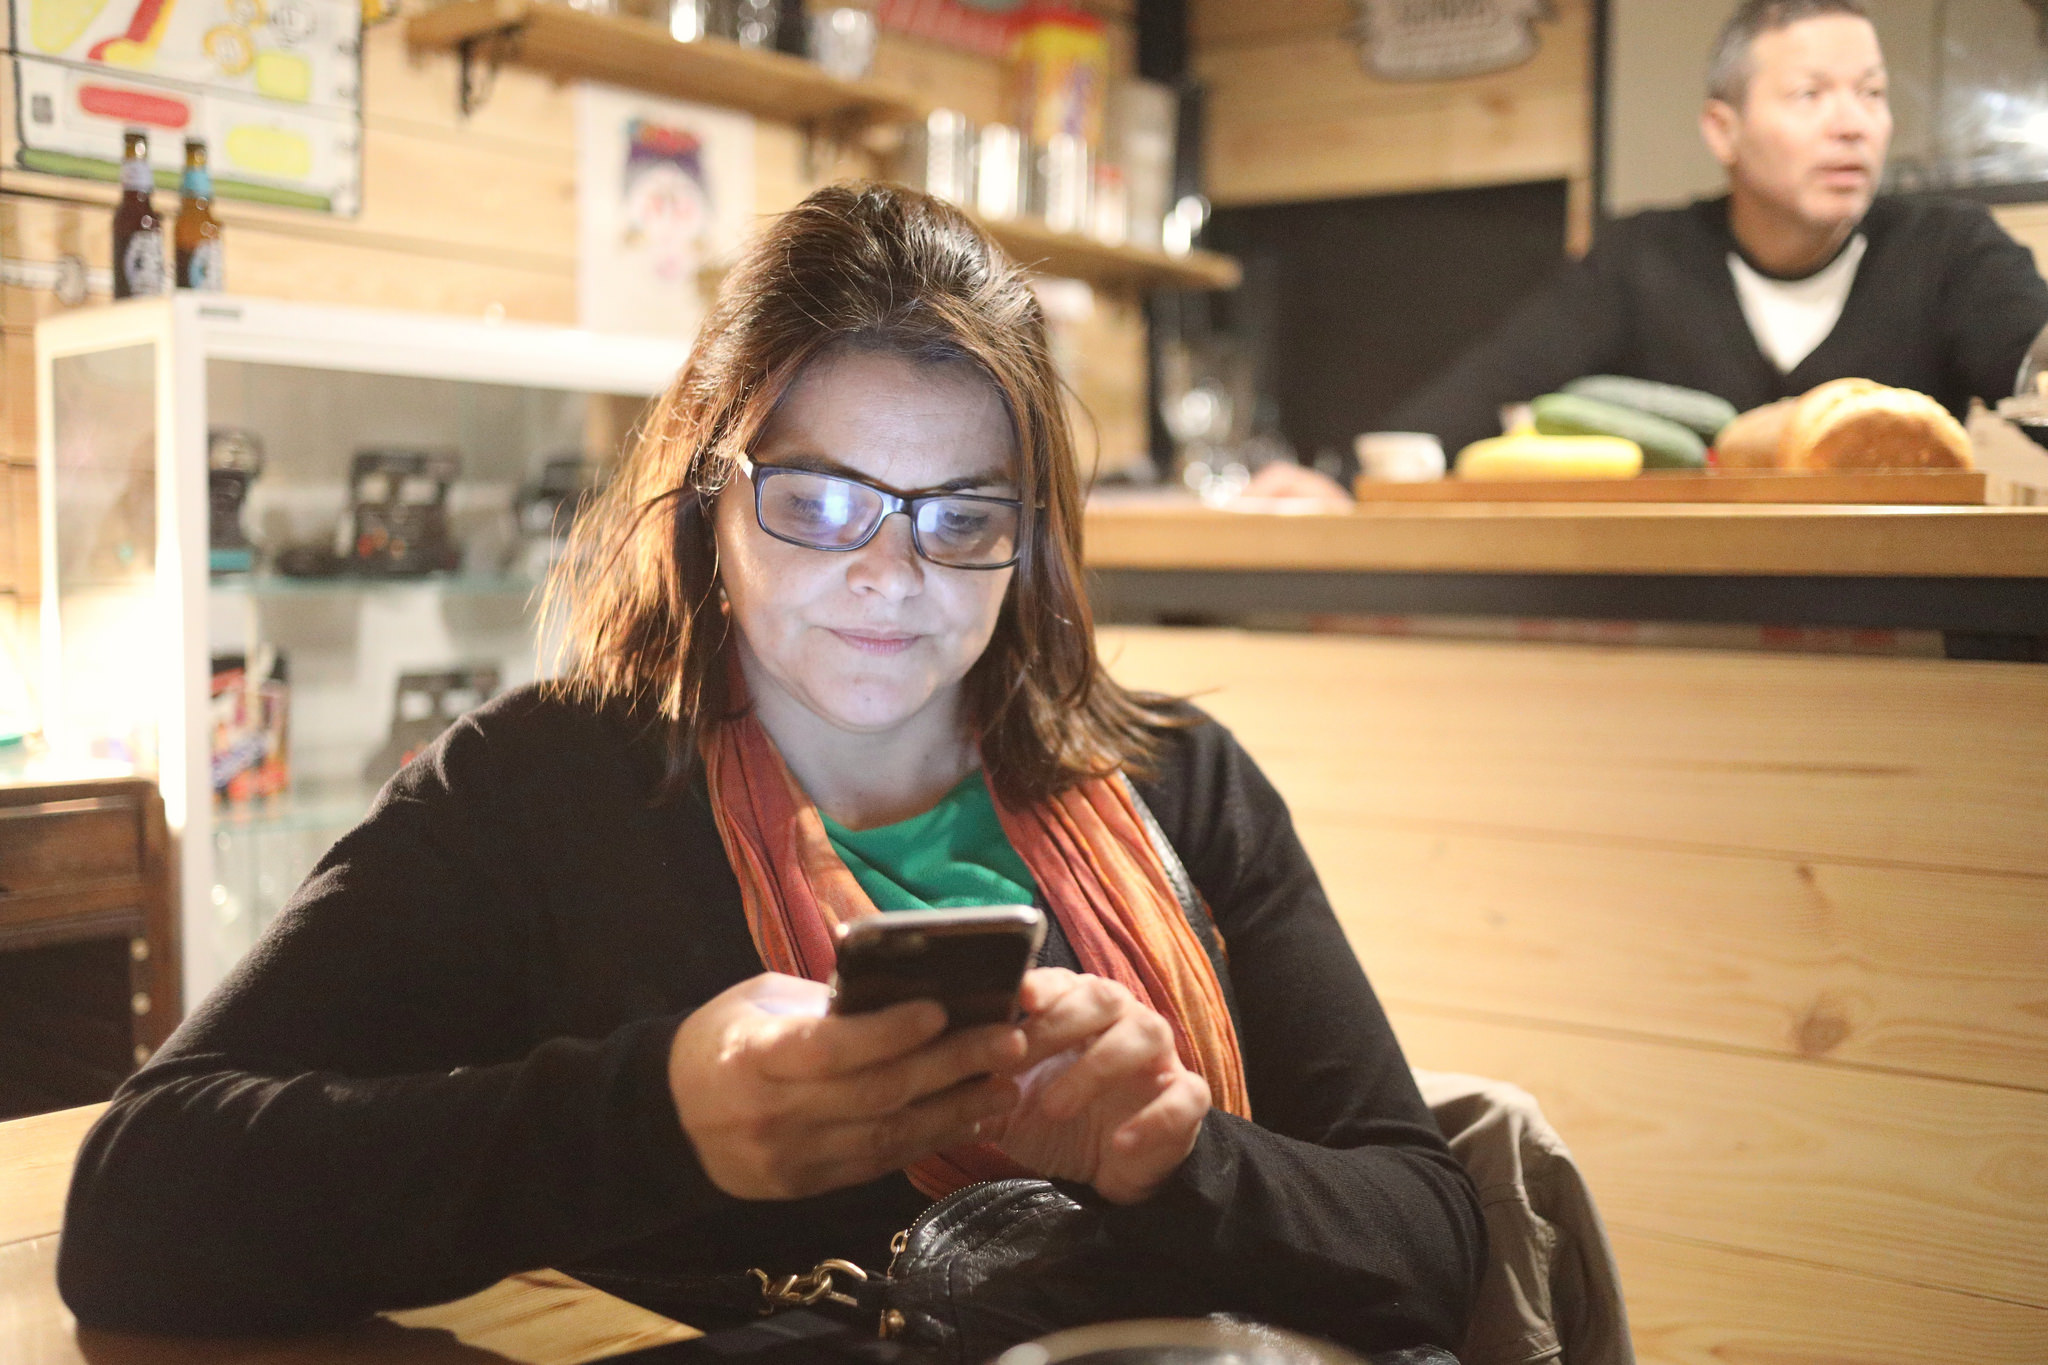 La pantalla de un móvil tiene suficiente intensidad como para iluminar un rostro en un momento dado.